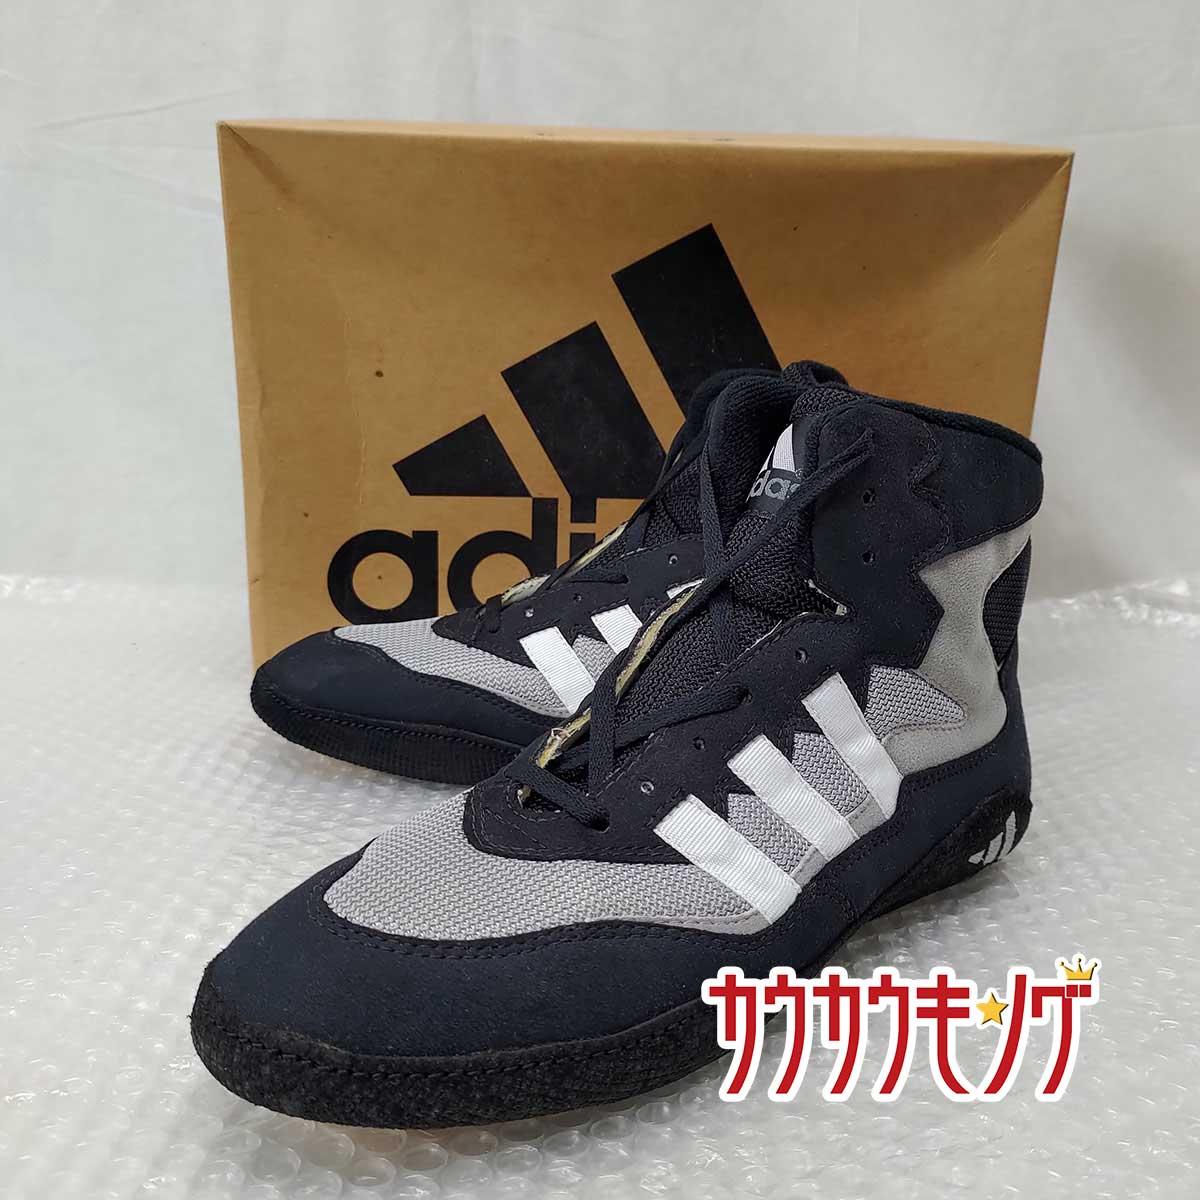 メンズ靴, スニーカー () adidas NITRO 1LA SPECIAL SHOES 27.0 045358